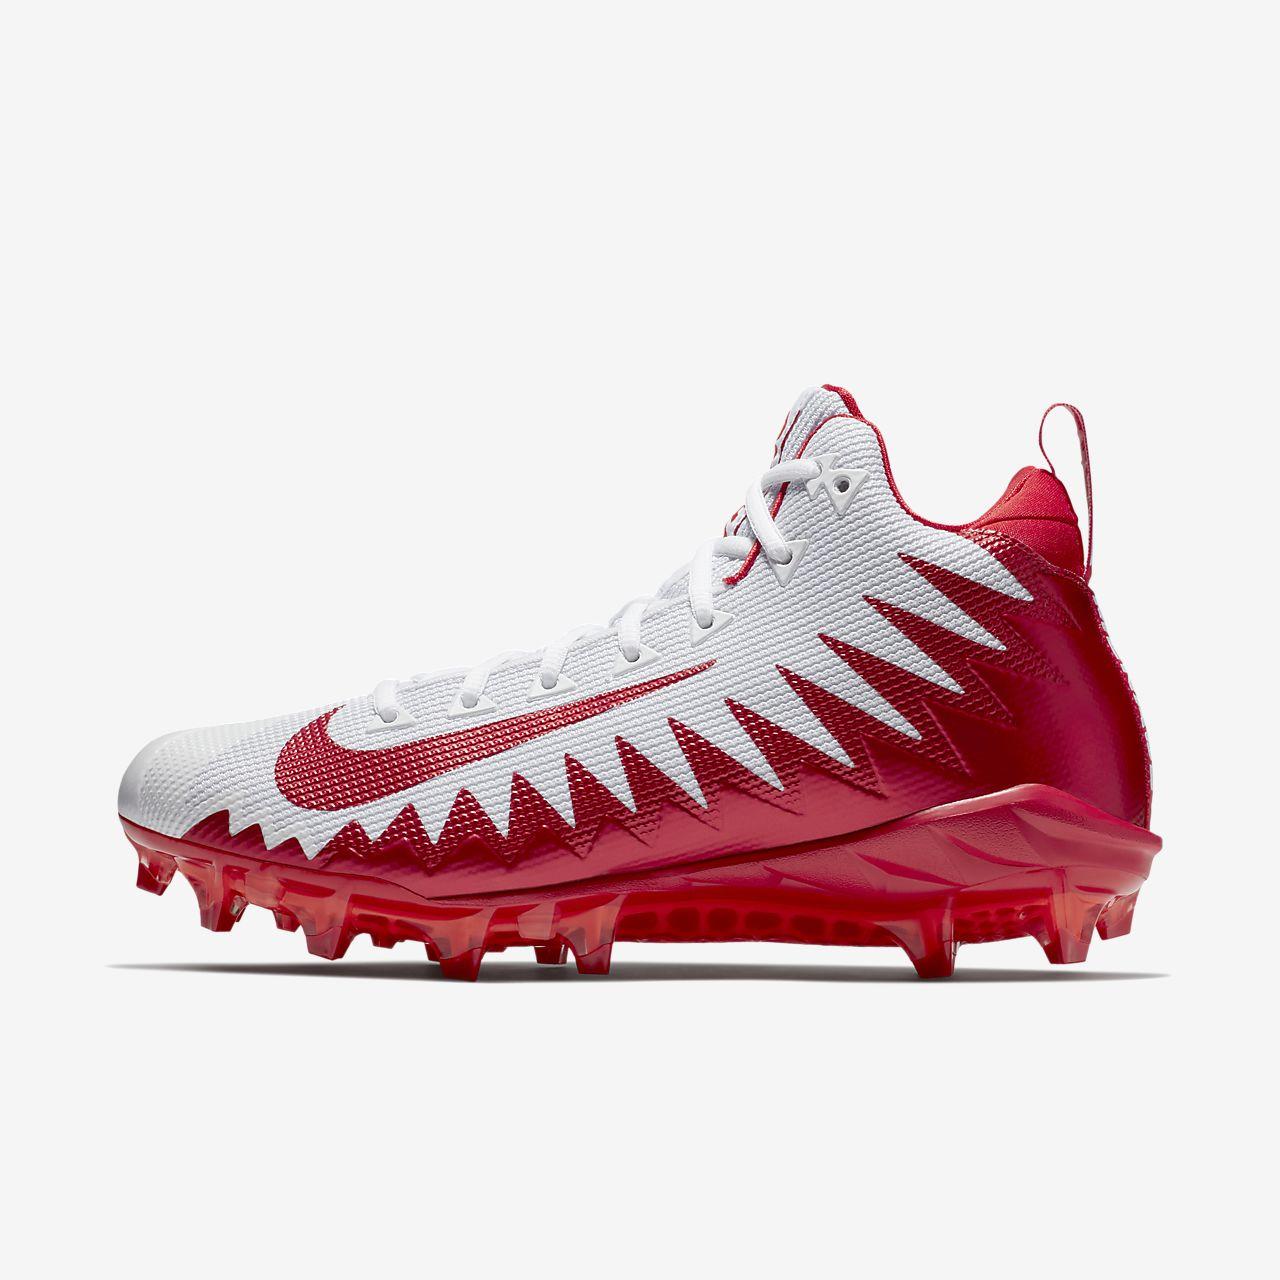 01a4d396d24c Low Resolution Nike Alpha Menace Pro Mid Men s Football Cleat Nike Alpha  Menace Pro Mid Men s Football Cleat